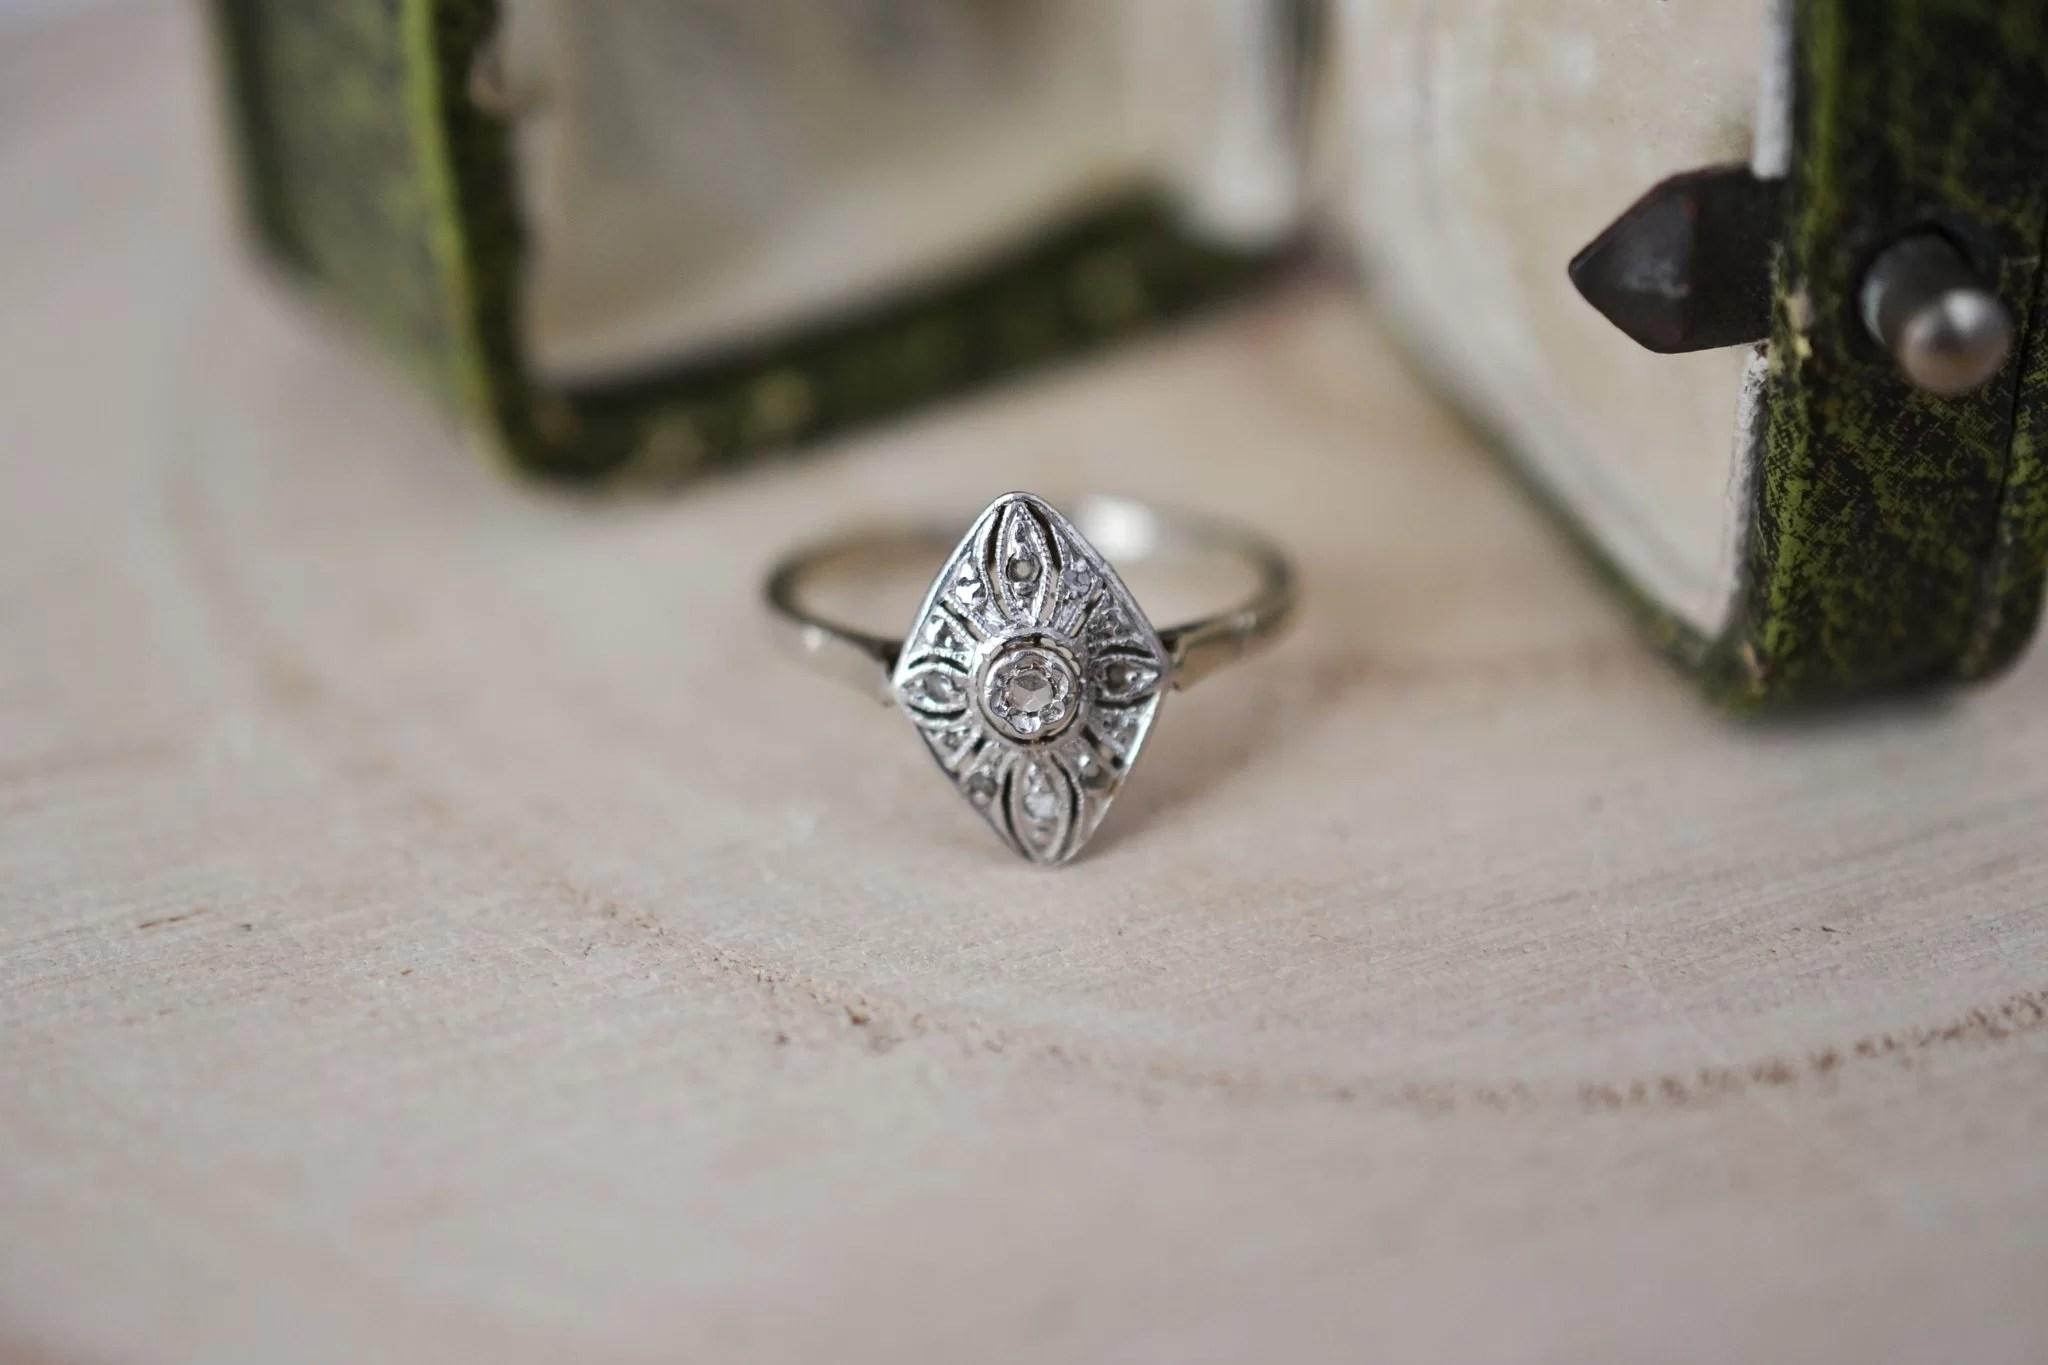 Bague en Or blanc et platine habillé d_un chaton en forme de losange aux motifs floraux, ornée de pierres blanches - bague rétro